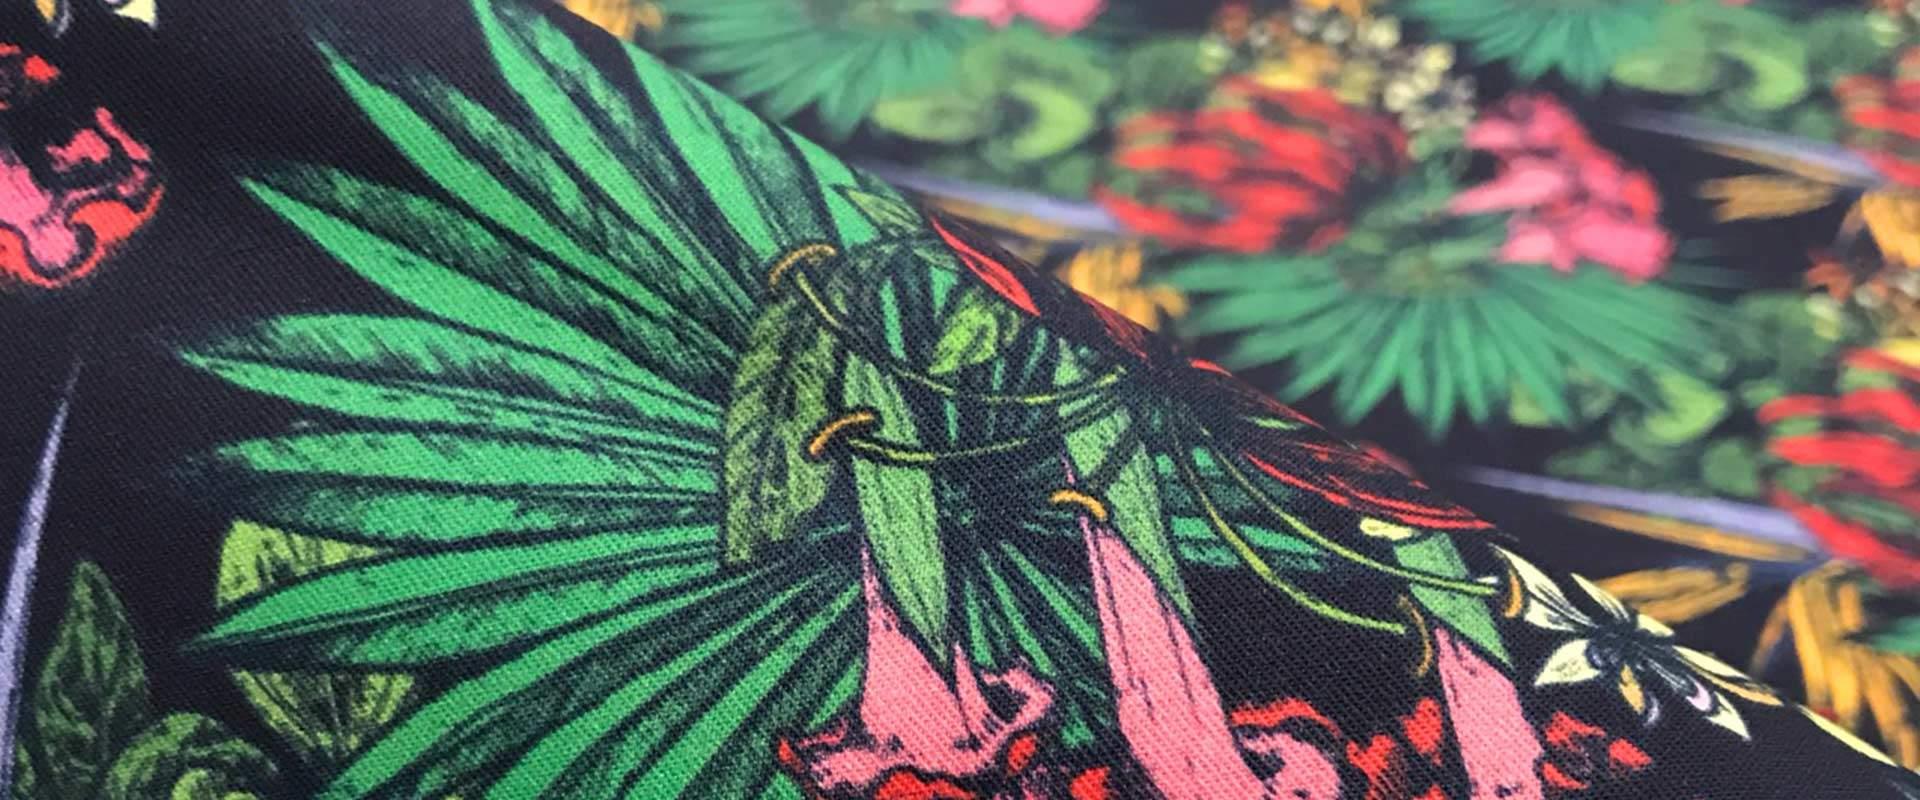 Drukarki sublimacyjne - niesamowity kolor